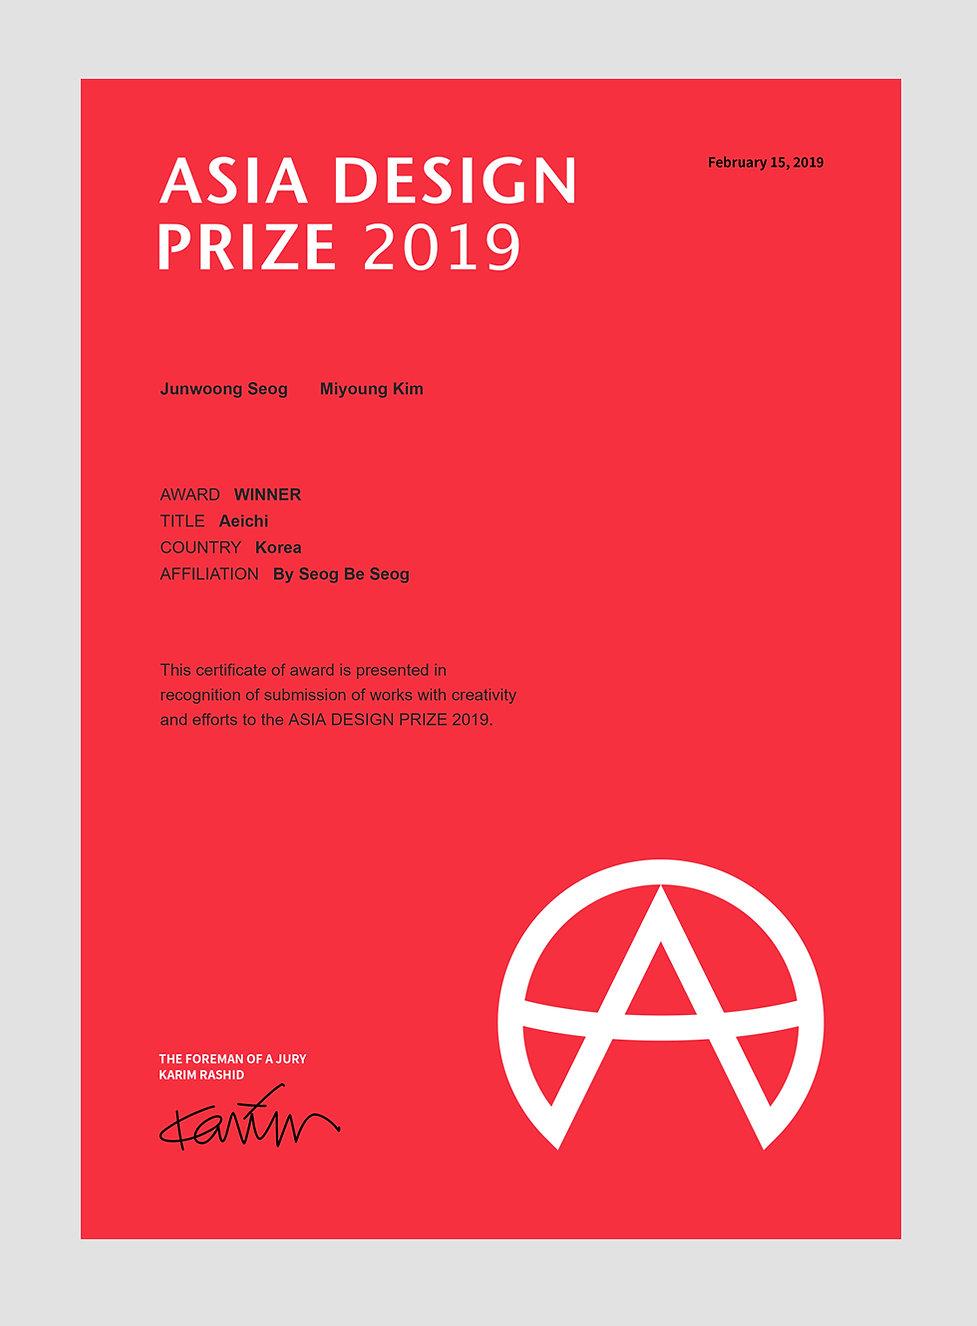 asia design prize 2019.jpg